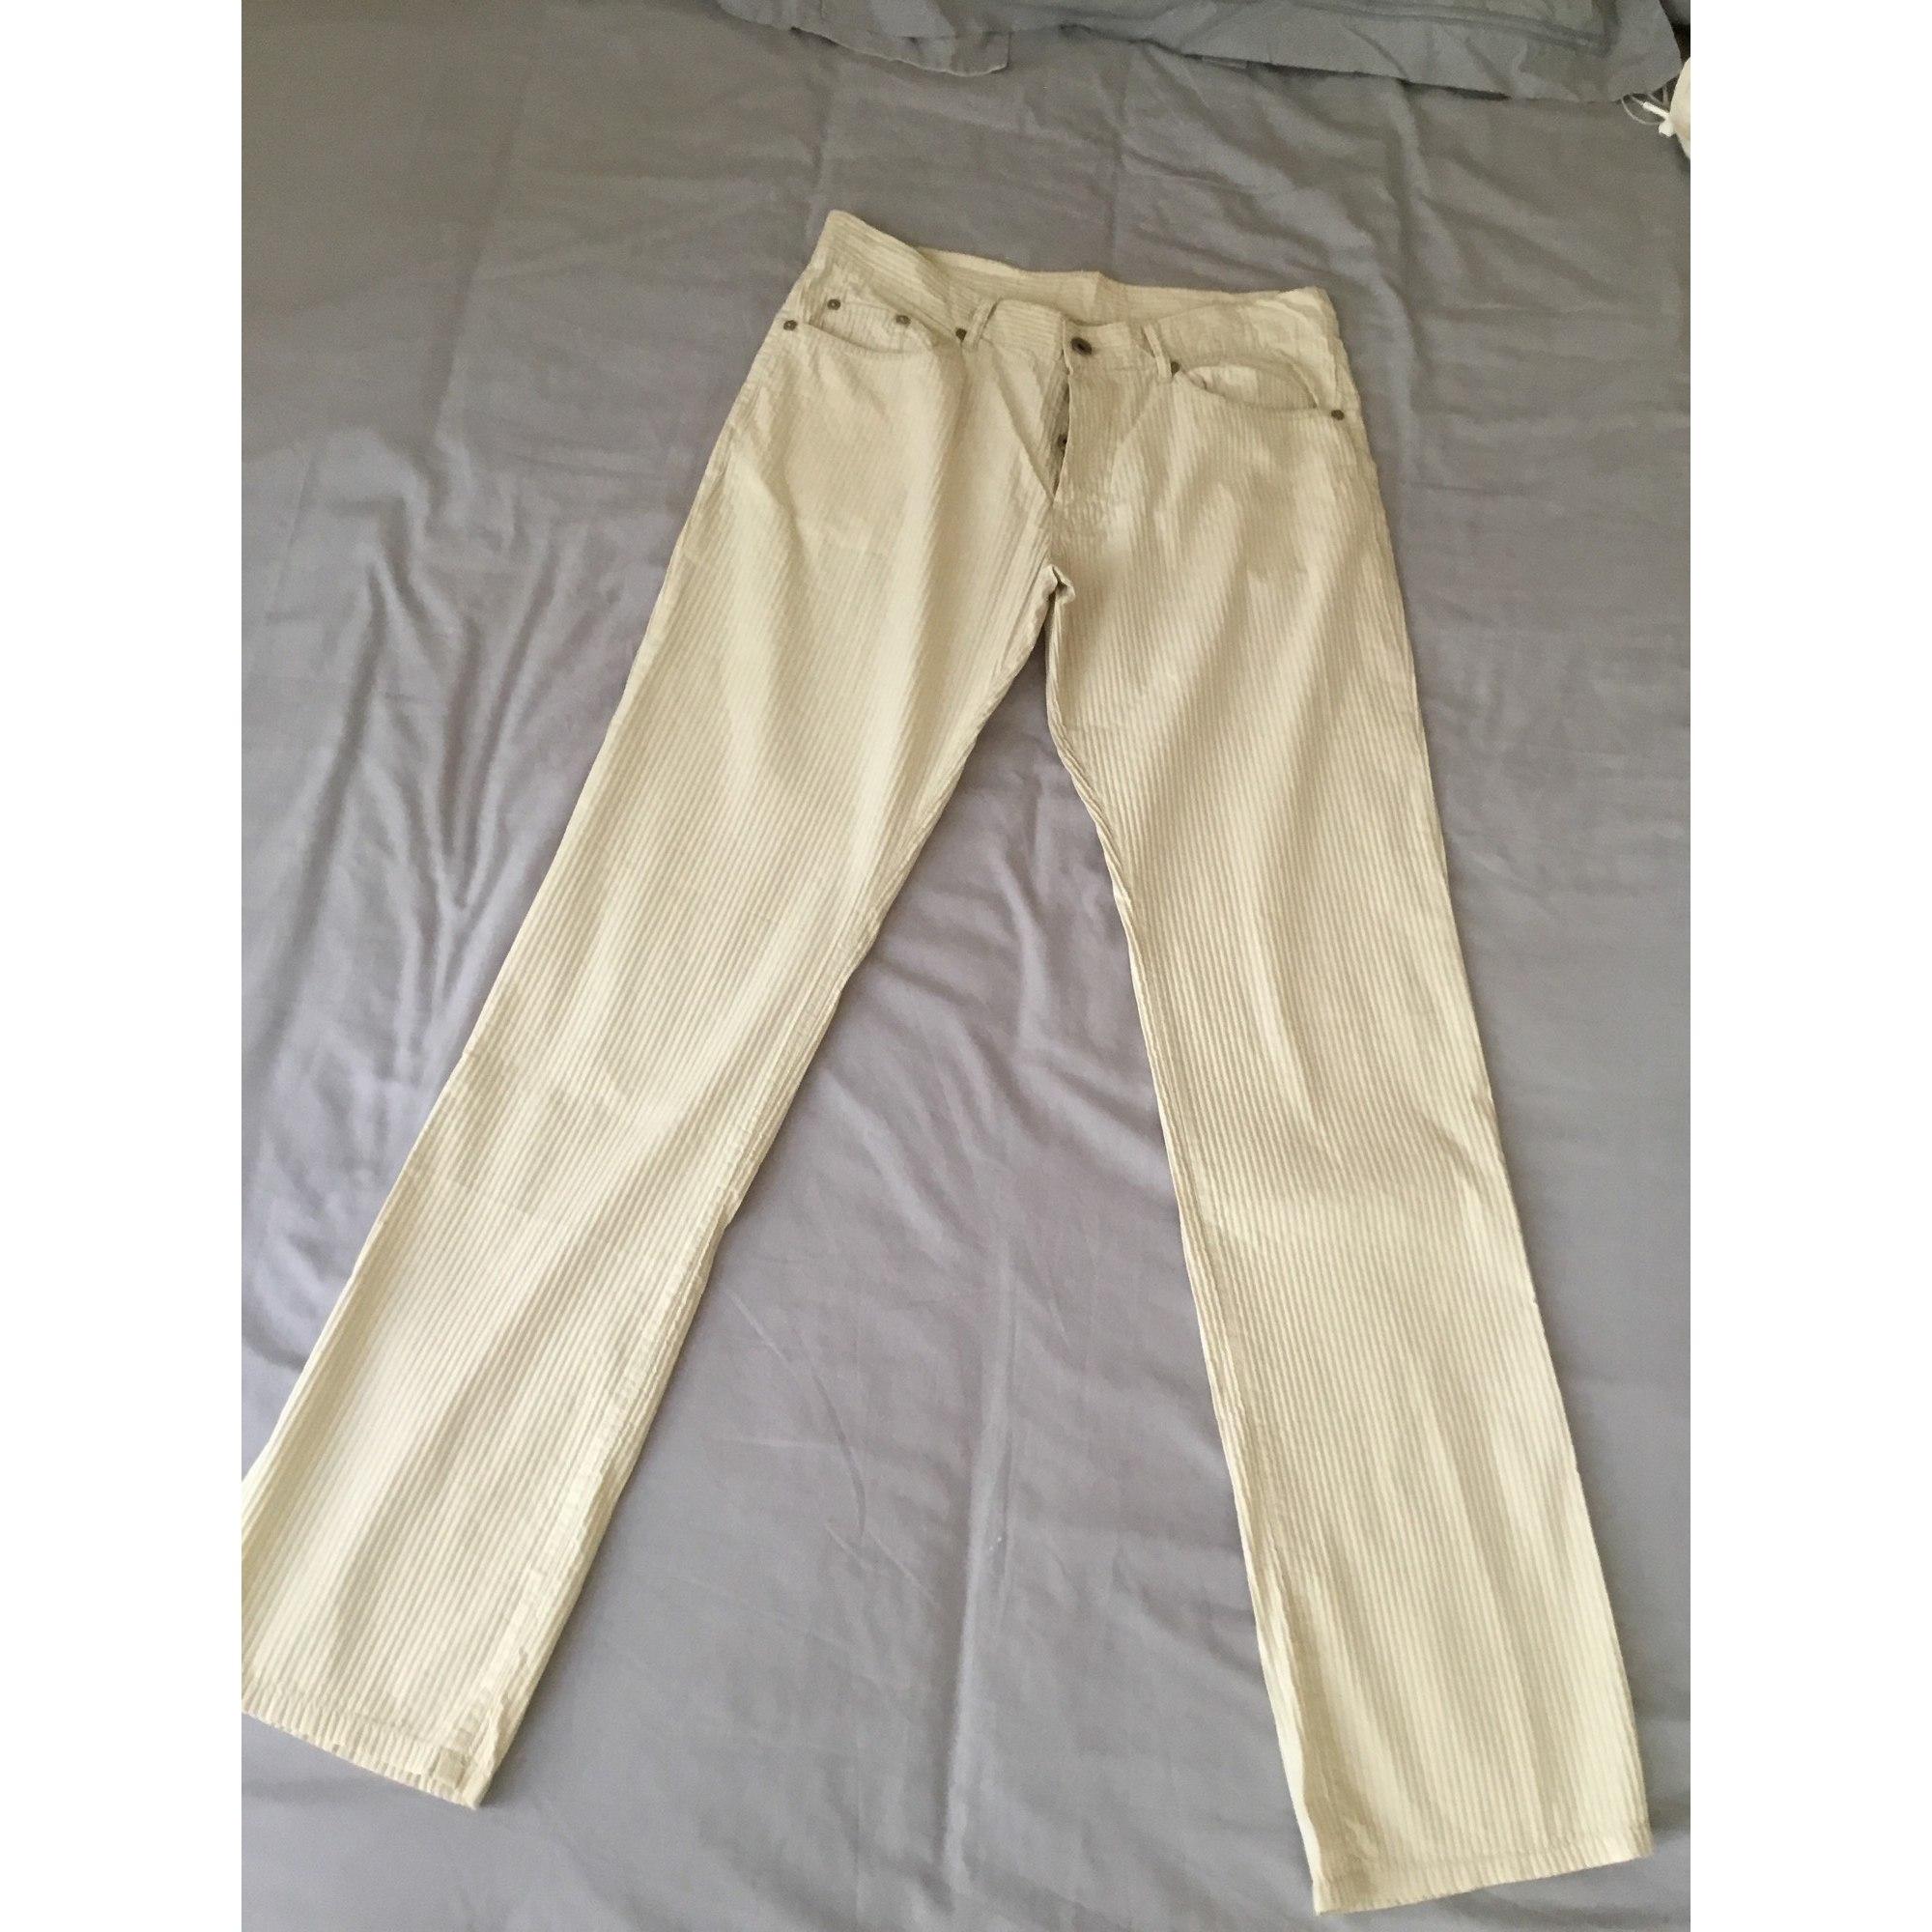 Pantalon droit CARNET DE VOL Beige, camel